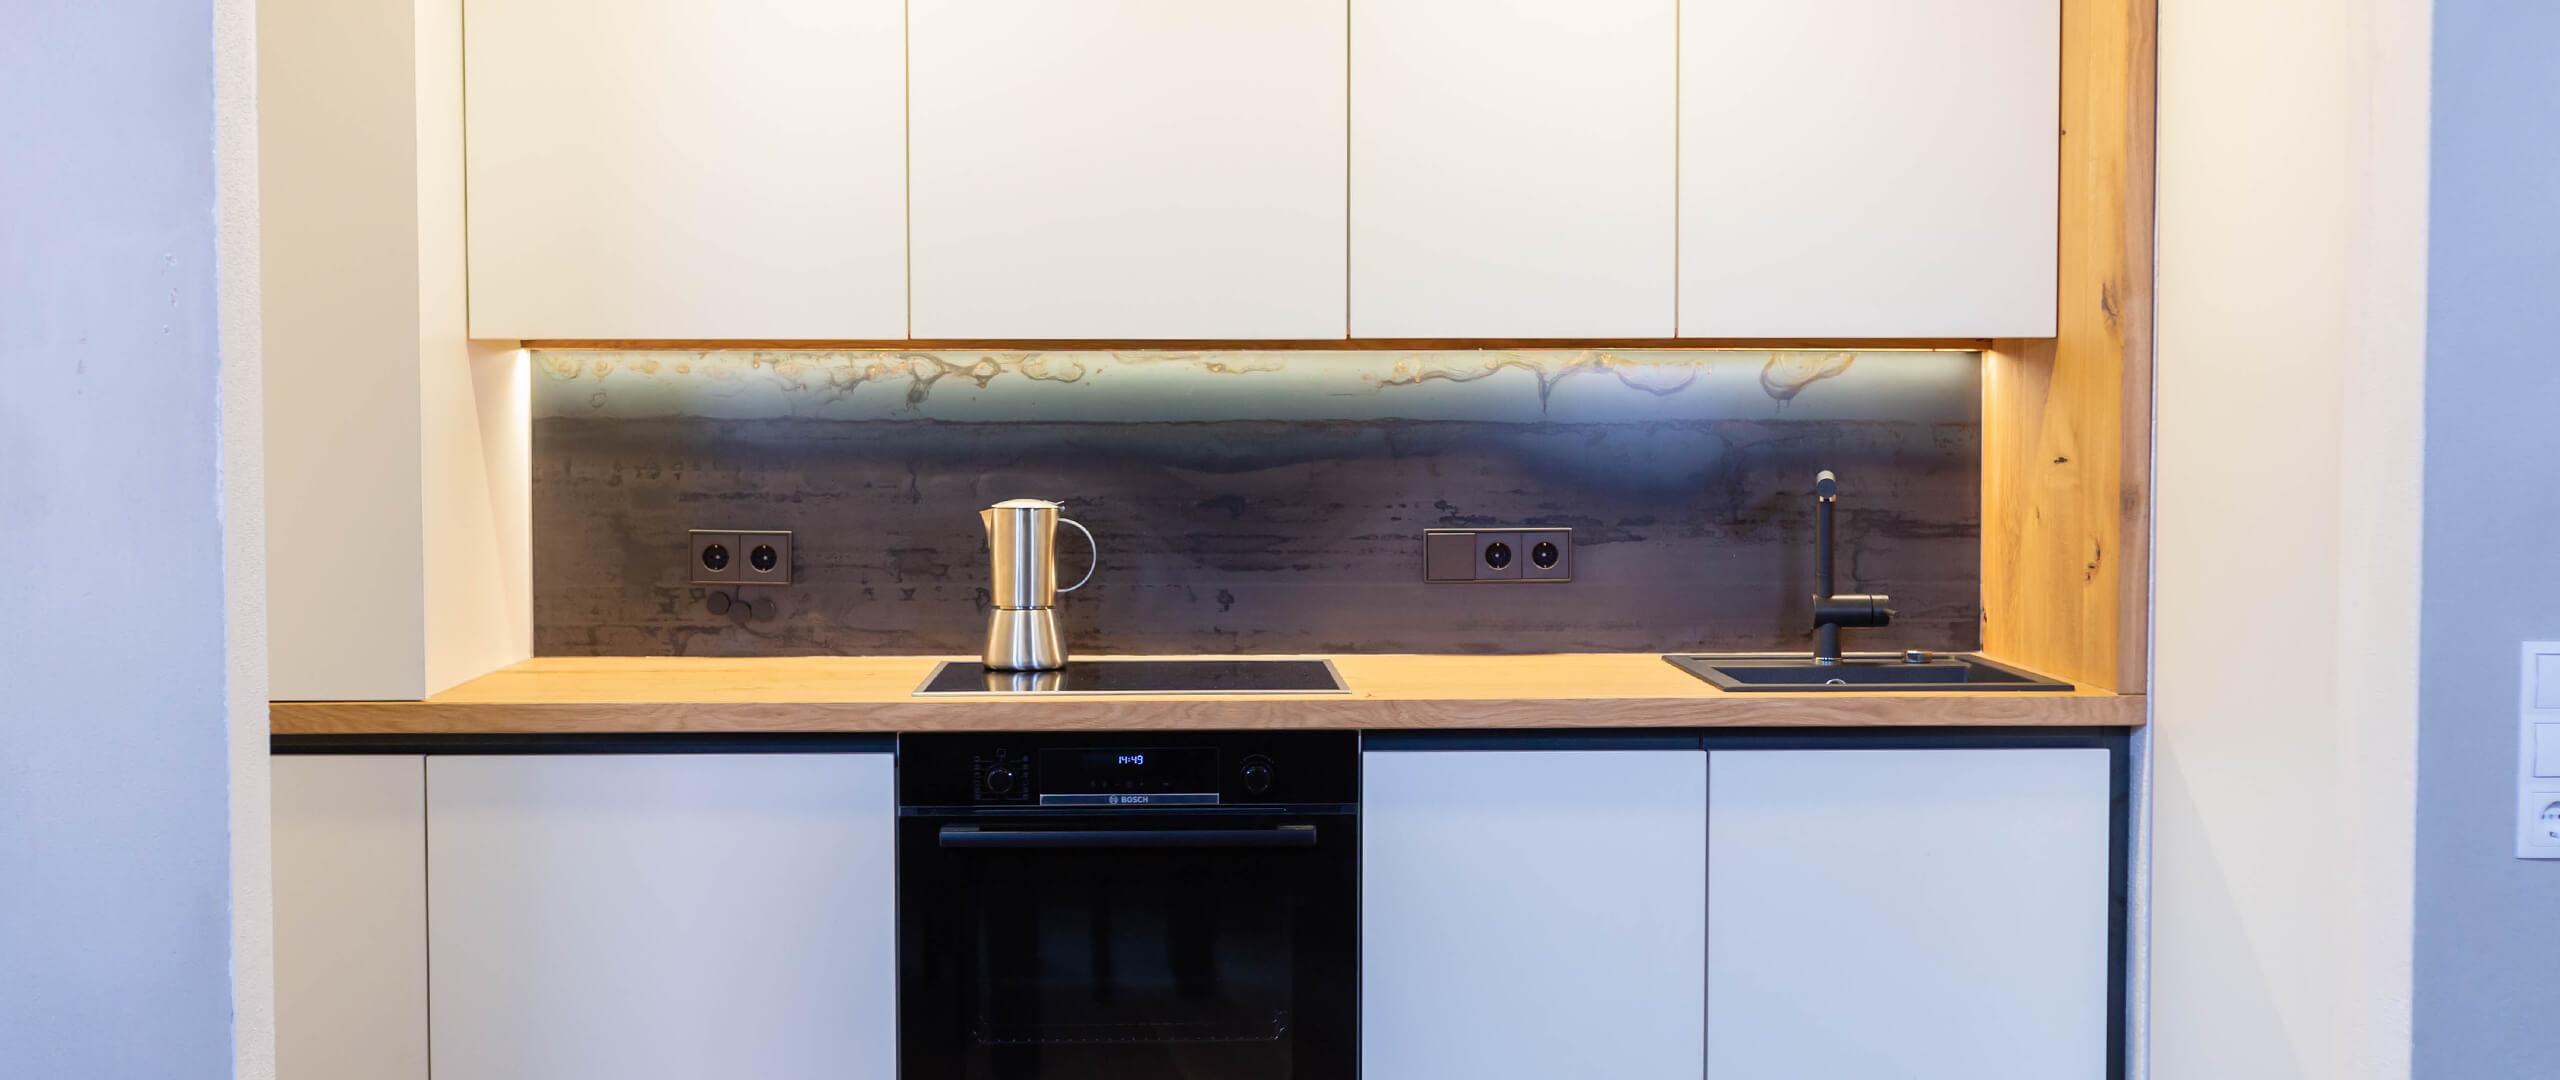 Küchenmöbel nach Maß | Raumausstatter | Möbelmanufaktur | Speyer